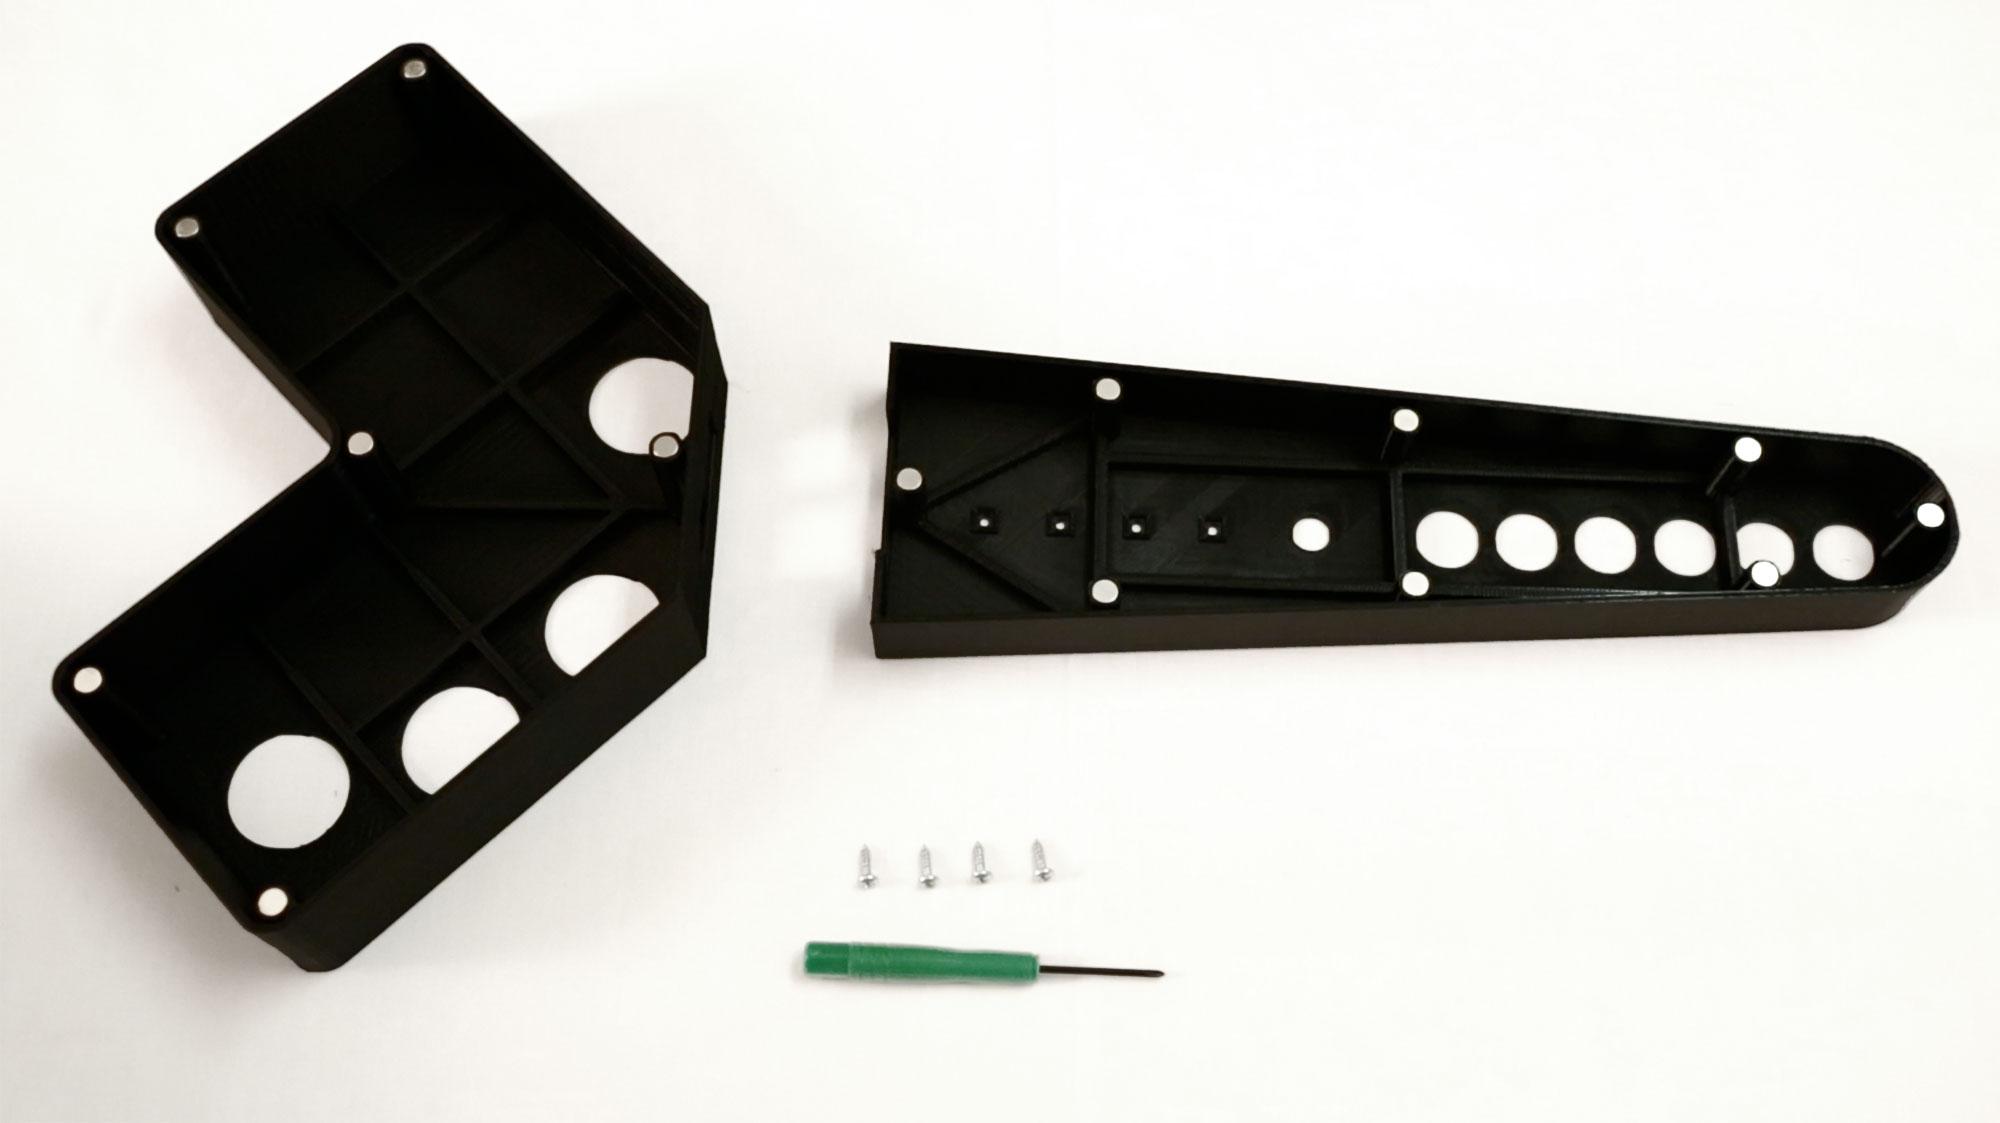 3d_printing_magnets-_-screws.jpg